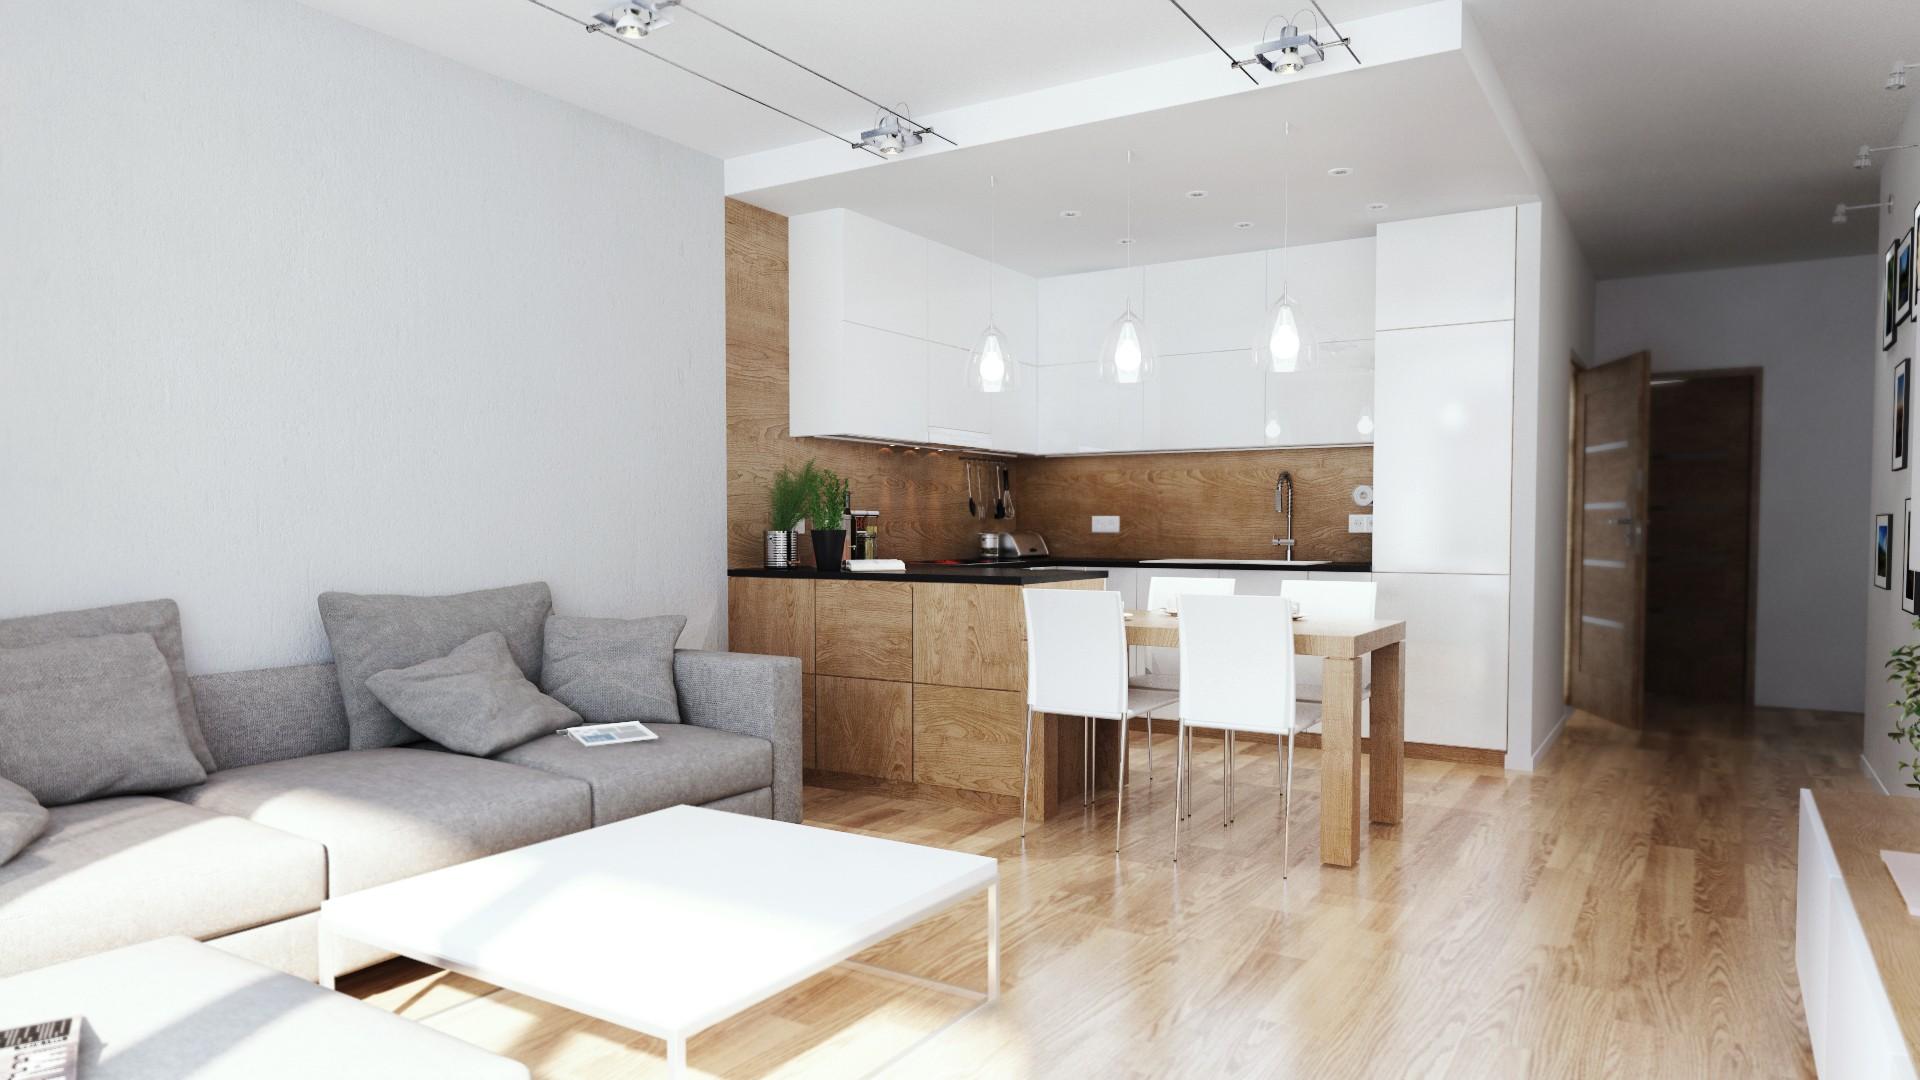 Projekt aranżacji mieszkania w Chorzowie, Śląskie - nowoczesna kuchnia